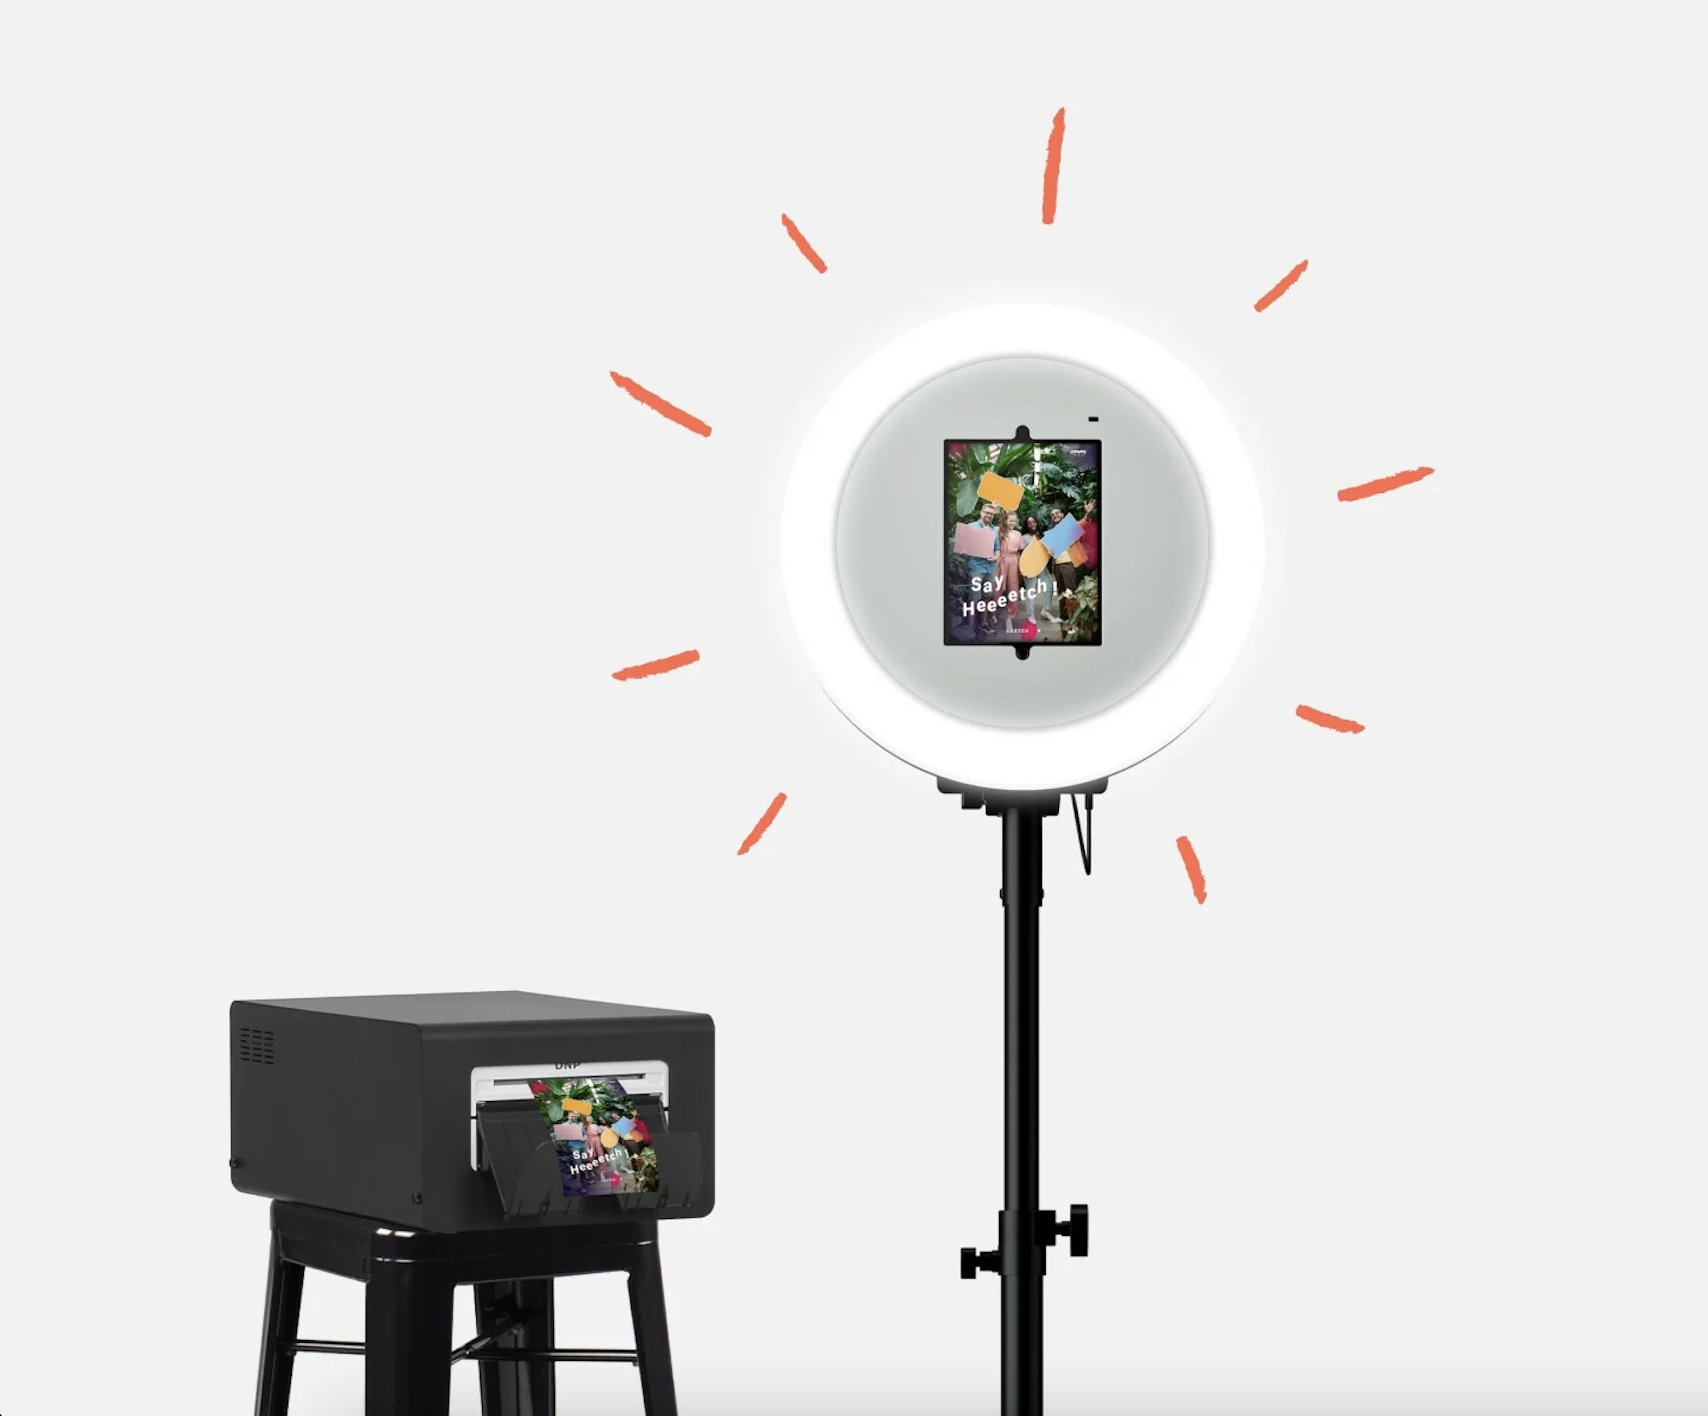 Un GIF montre en première image la face avant et arrière du photobooth josepho est personnalisé aux couleurs de l'entreprise Galeries Lafayette. Puis en seconde image le photobooth sans personnalisation